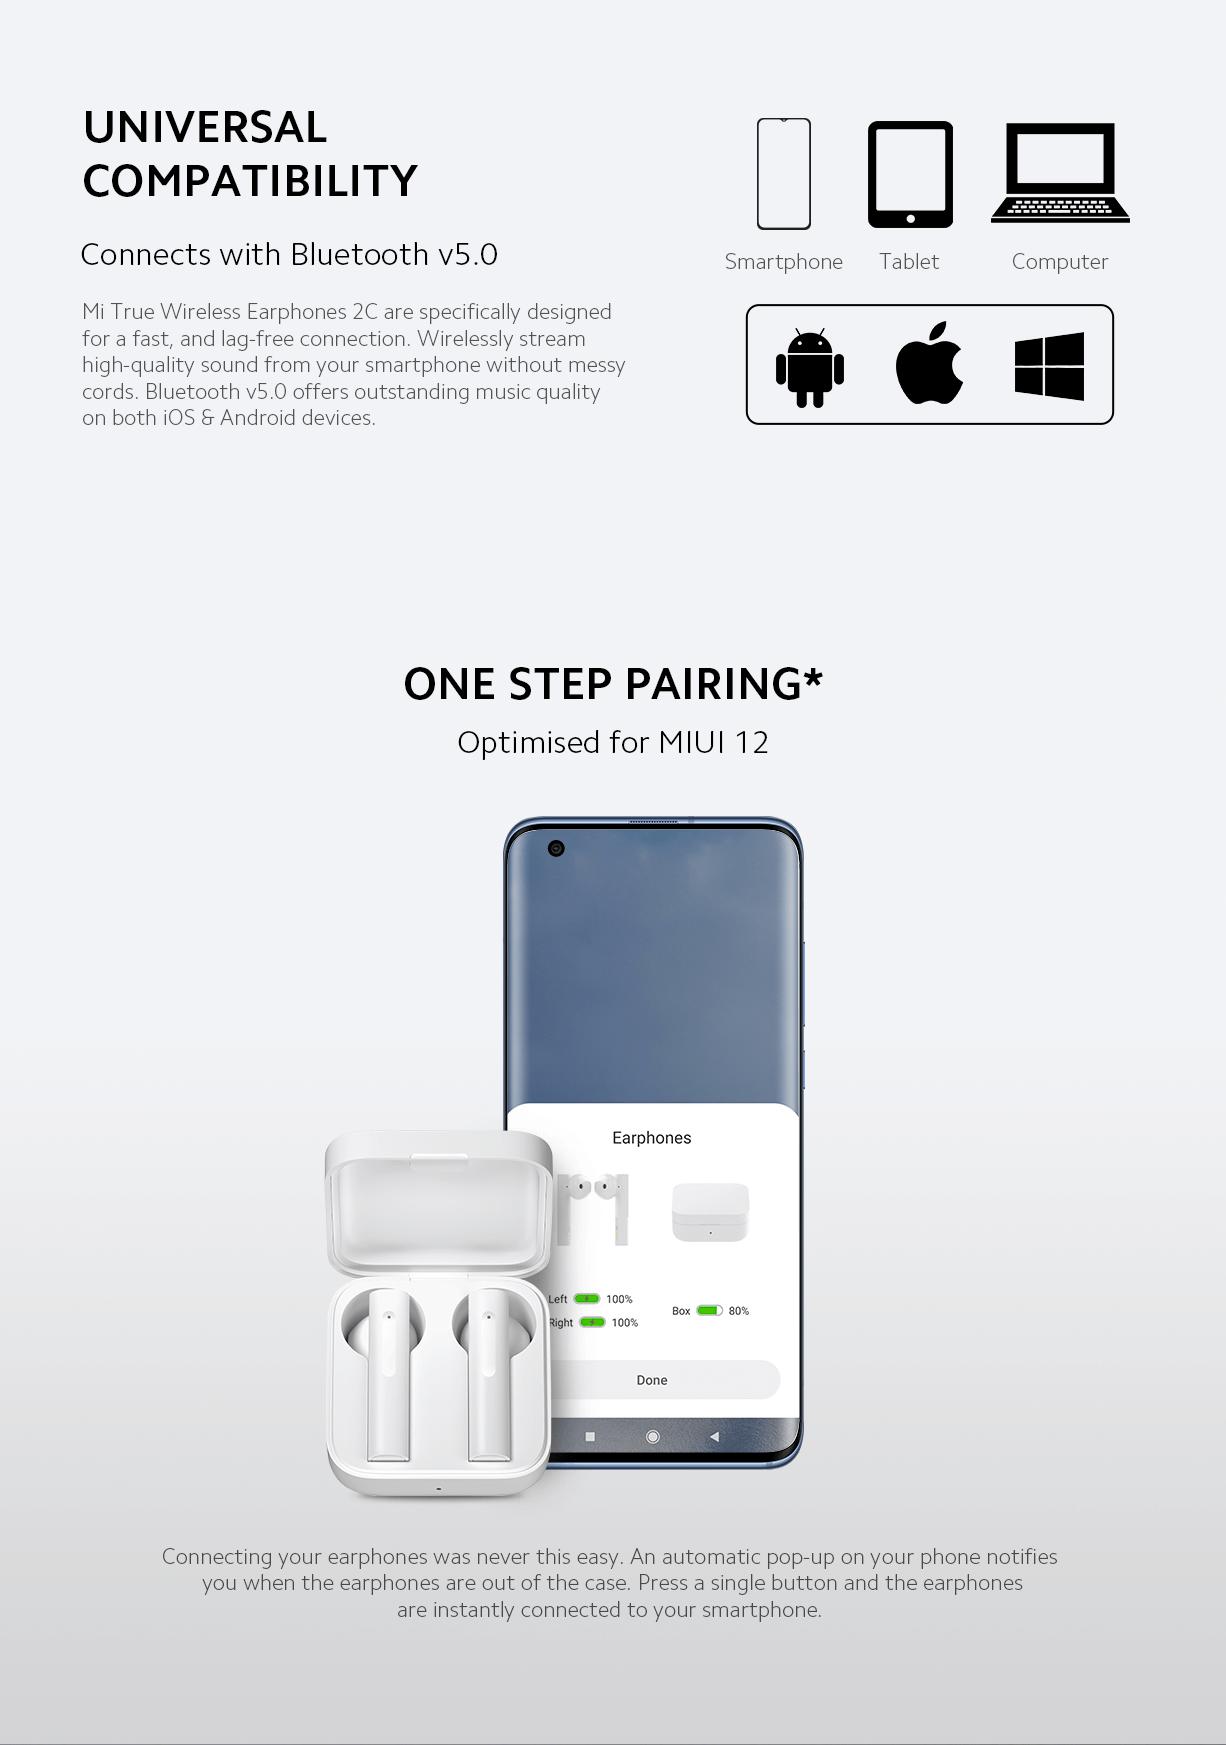 Mi True Wireless Earphones 2C connect